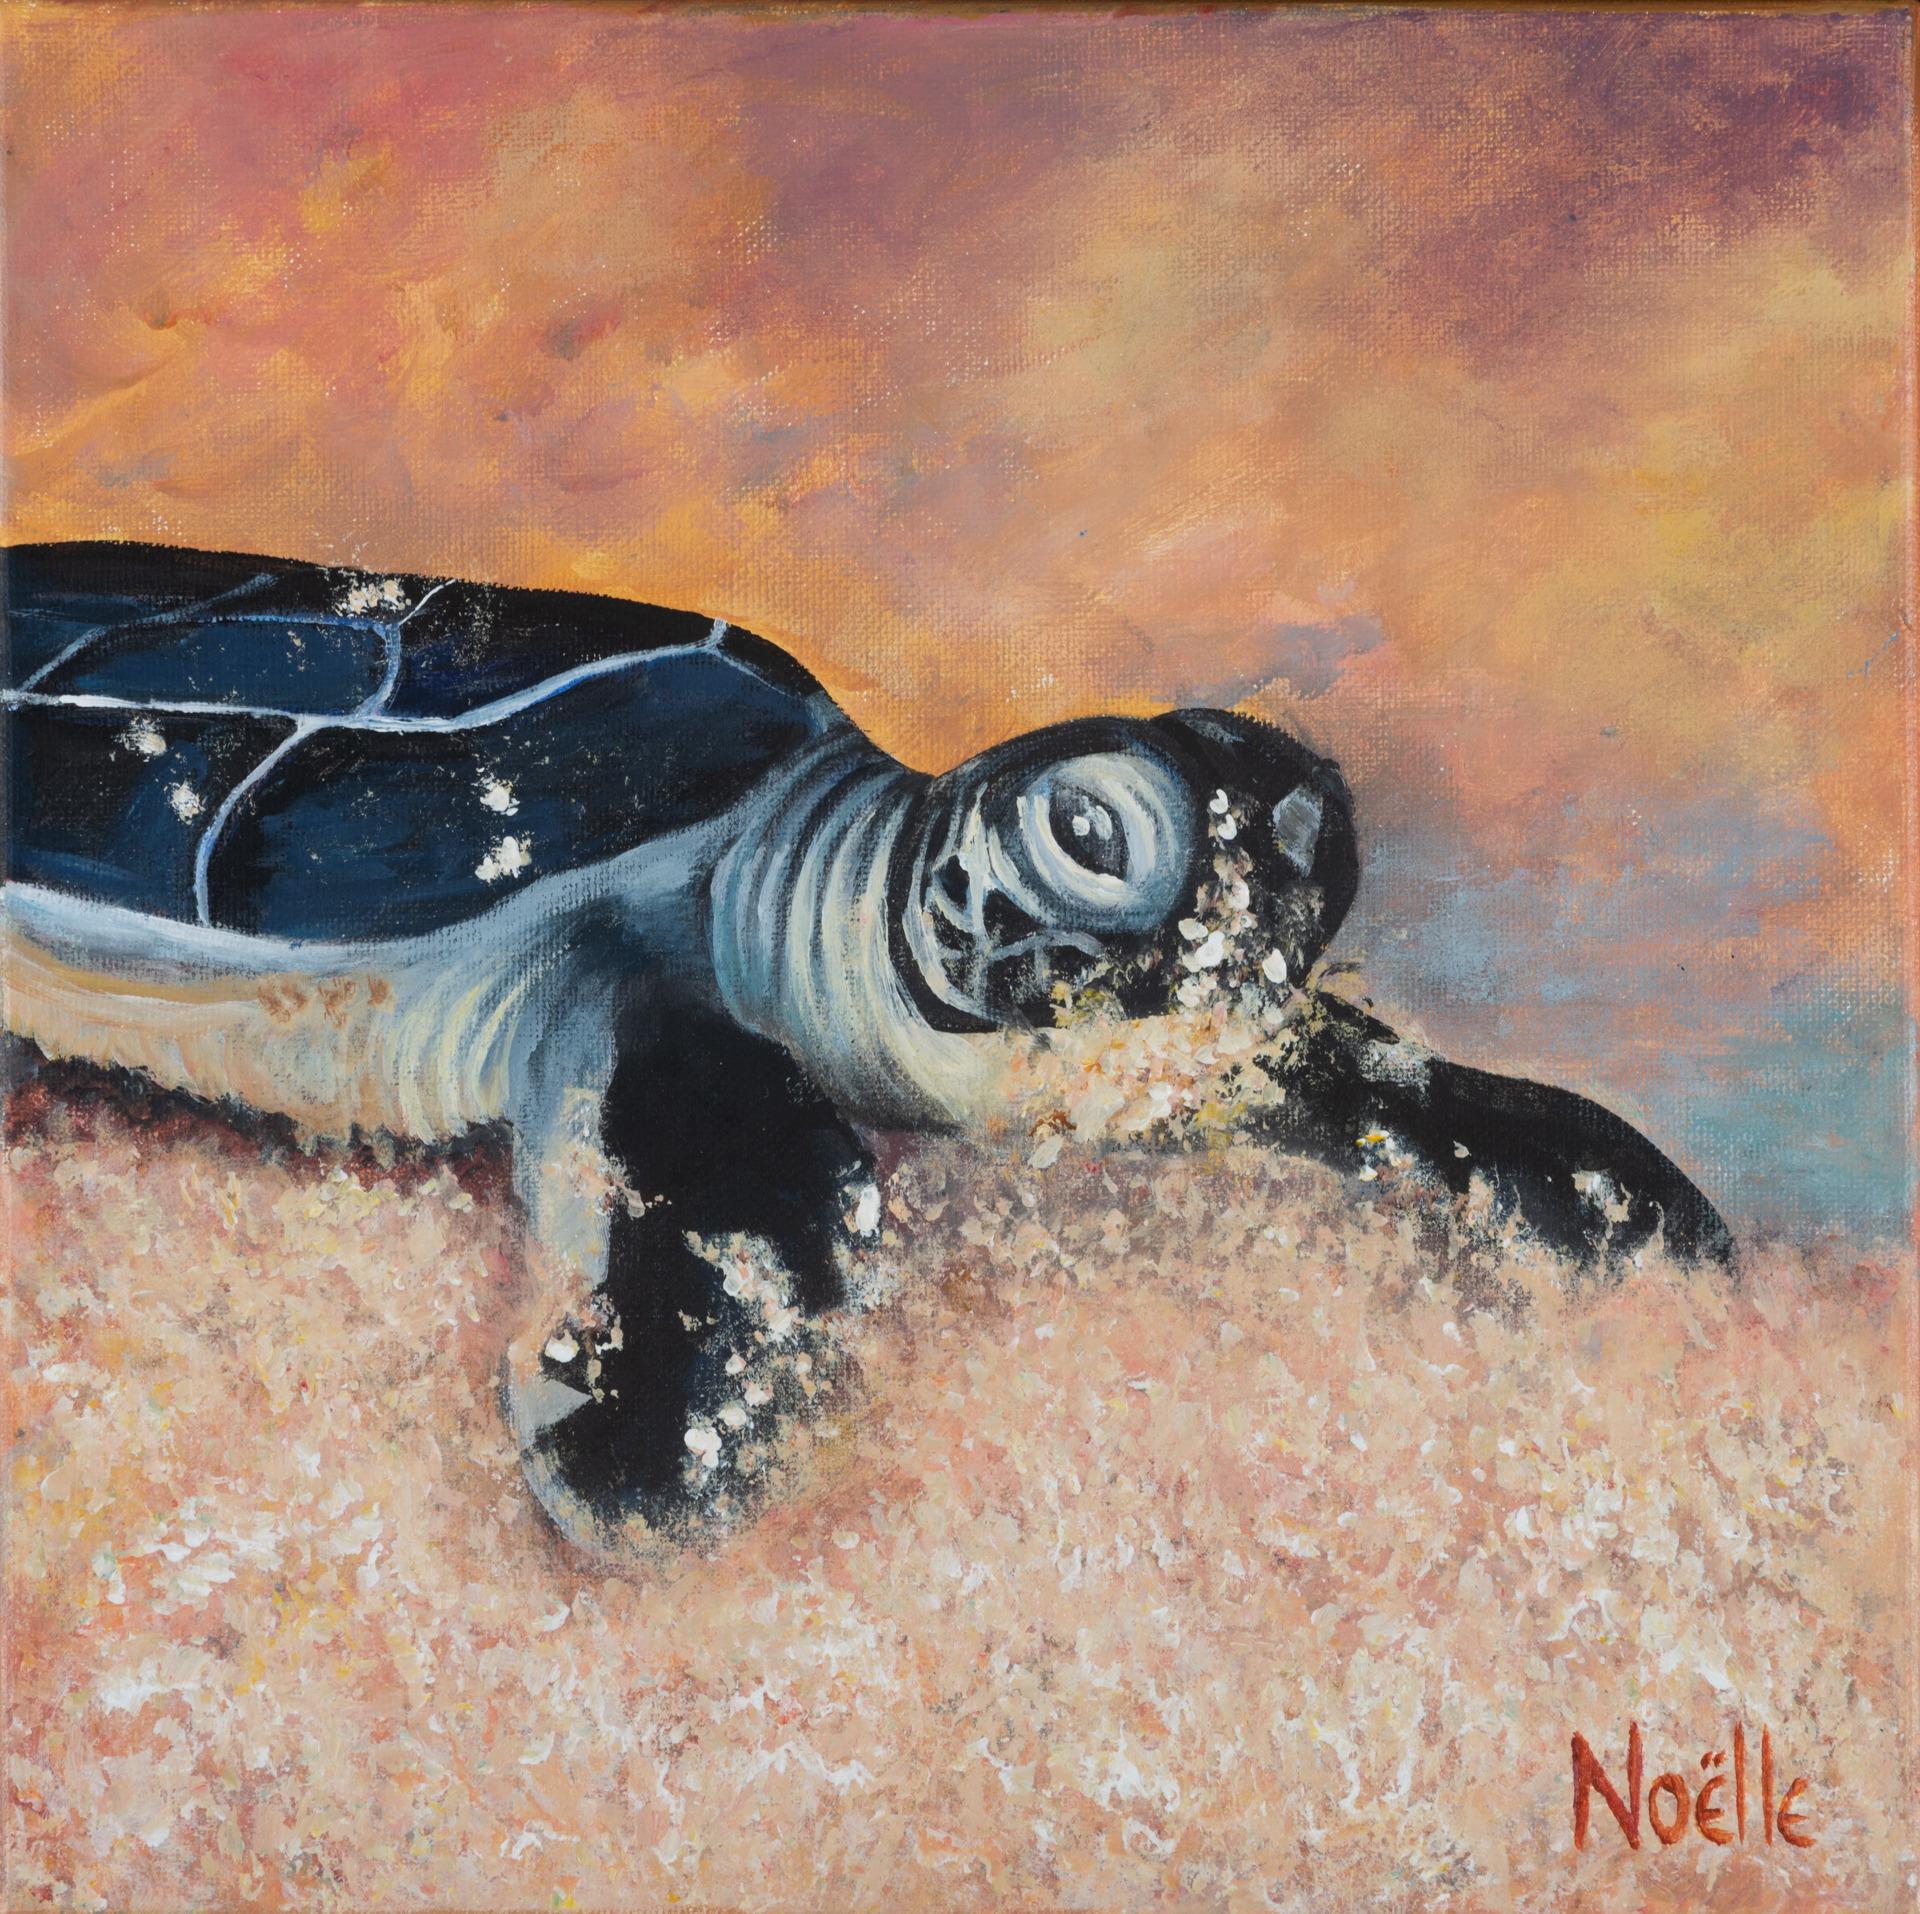 Noelle mccarthy turtle determined acrylic 12x12 230 ek9b4r